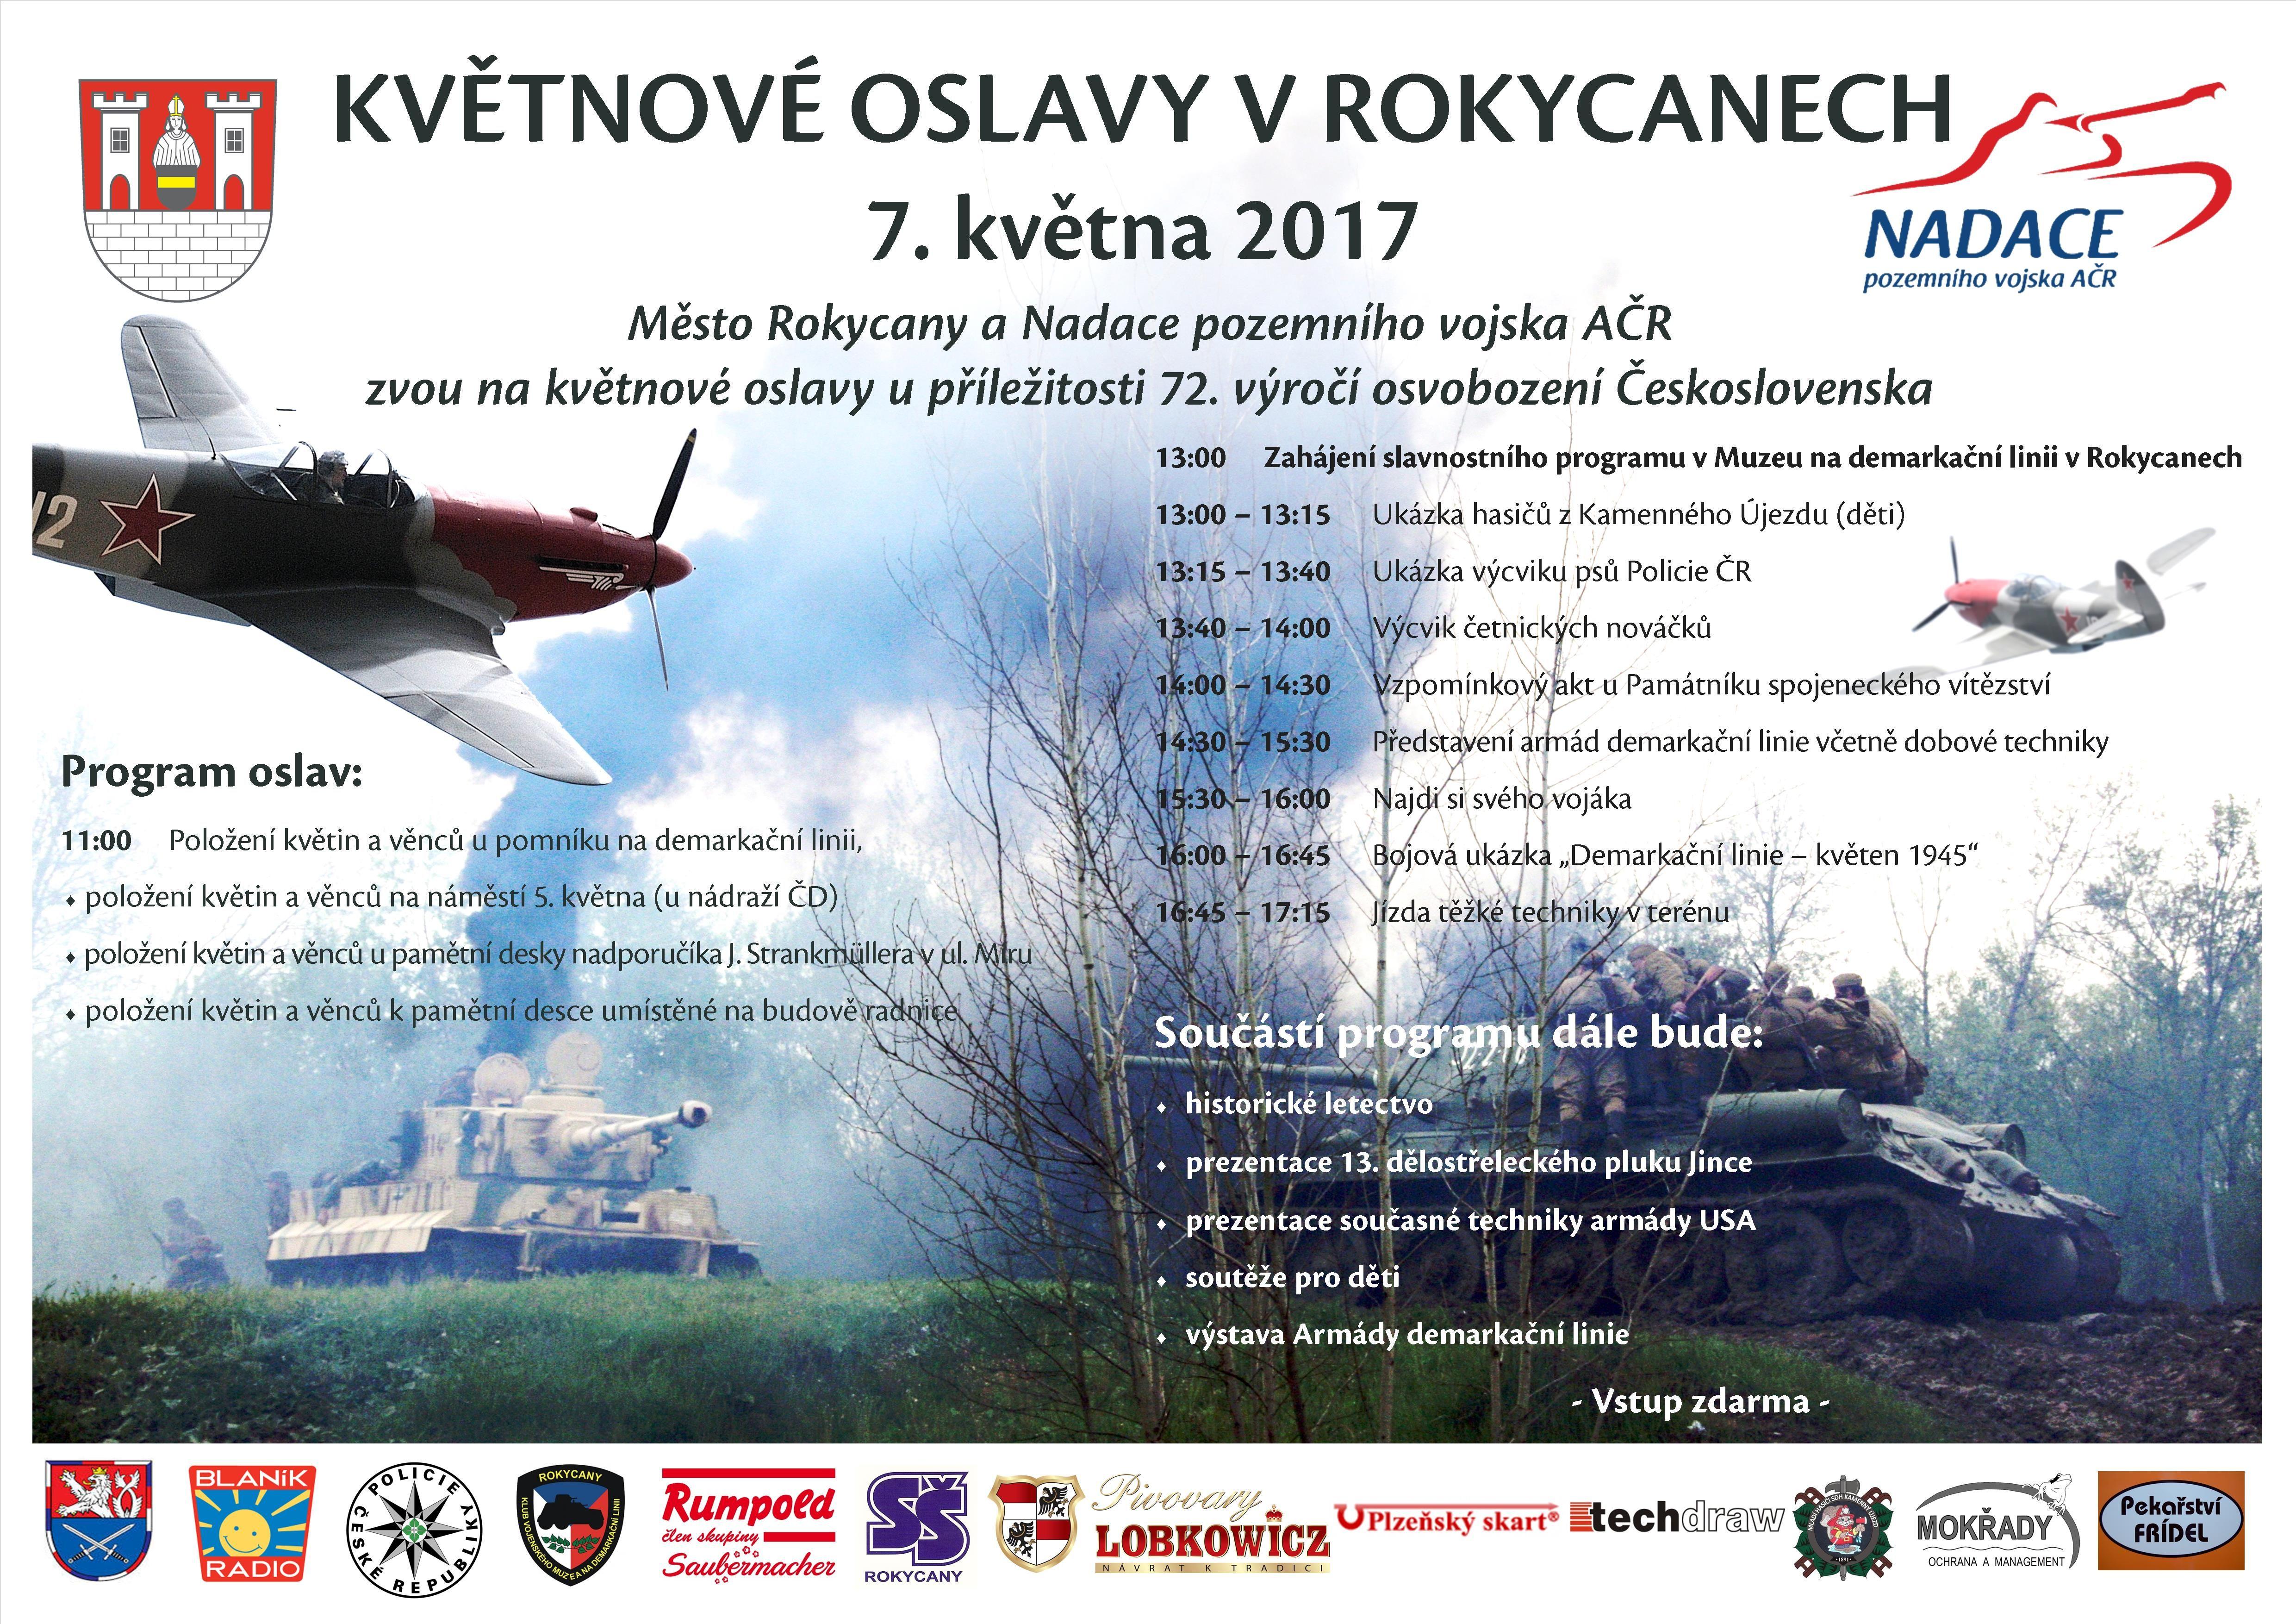 Slavnosti svobody - OSLAVY osvobození PLZEŇ 2017